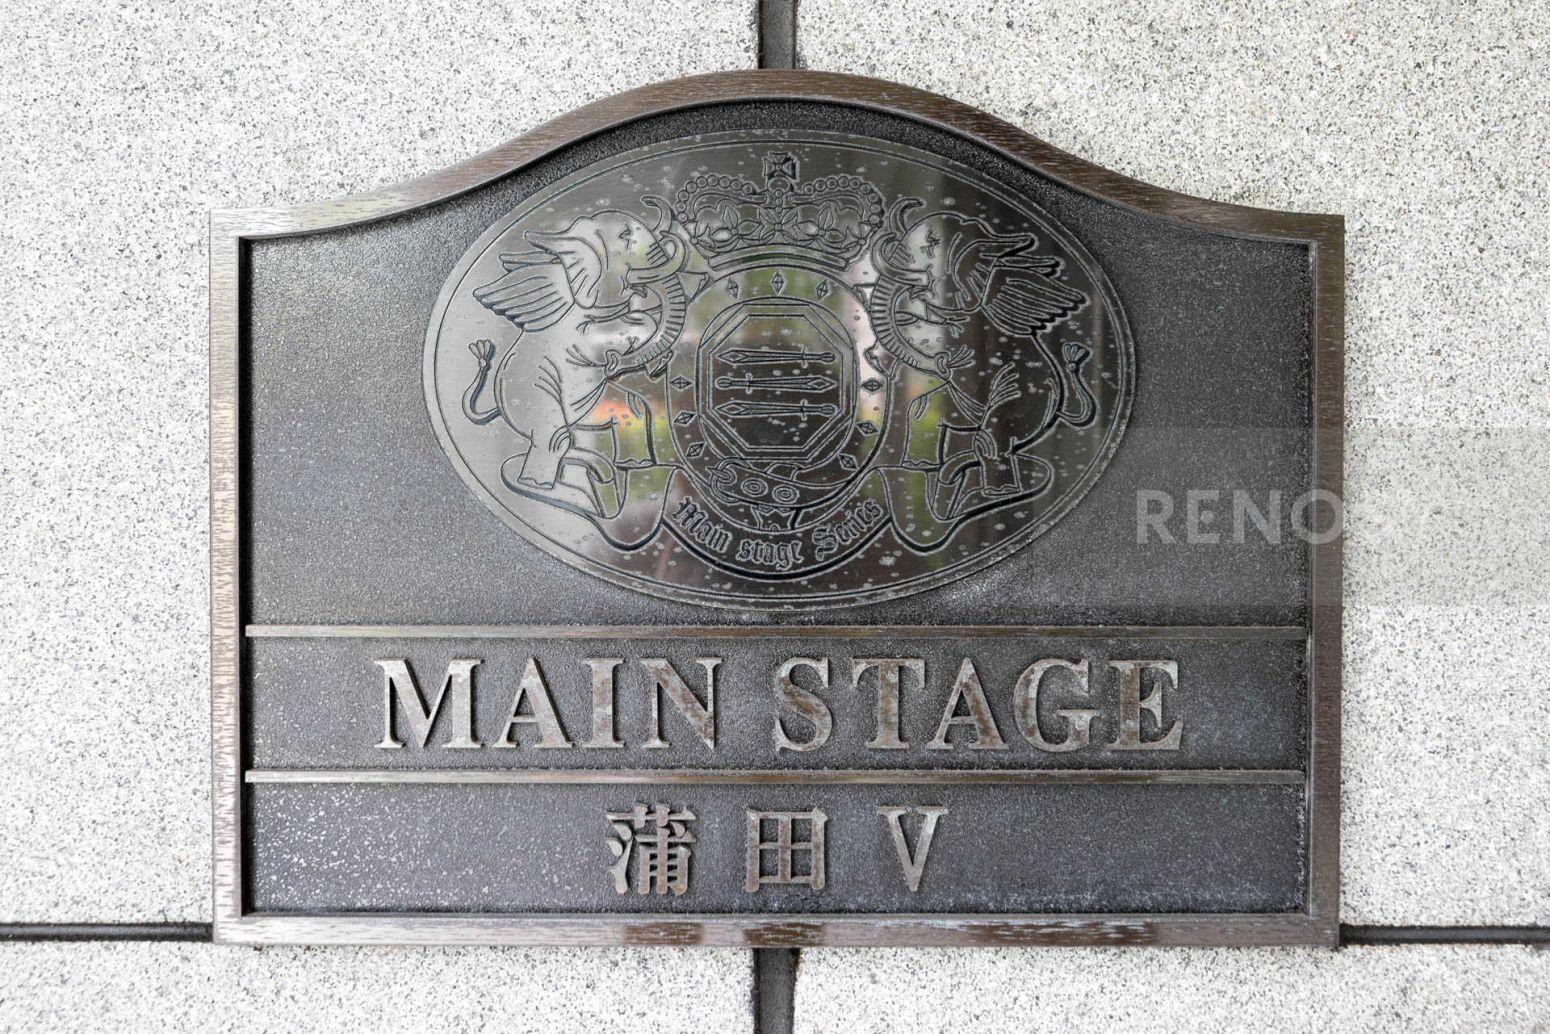 メインステージ蒲田V